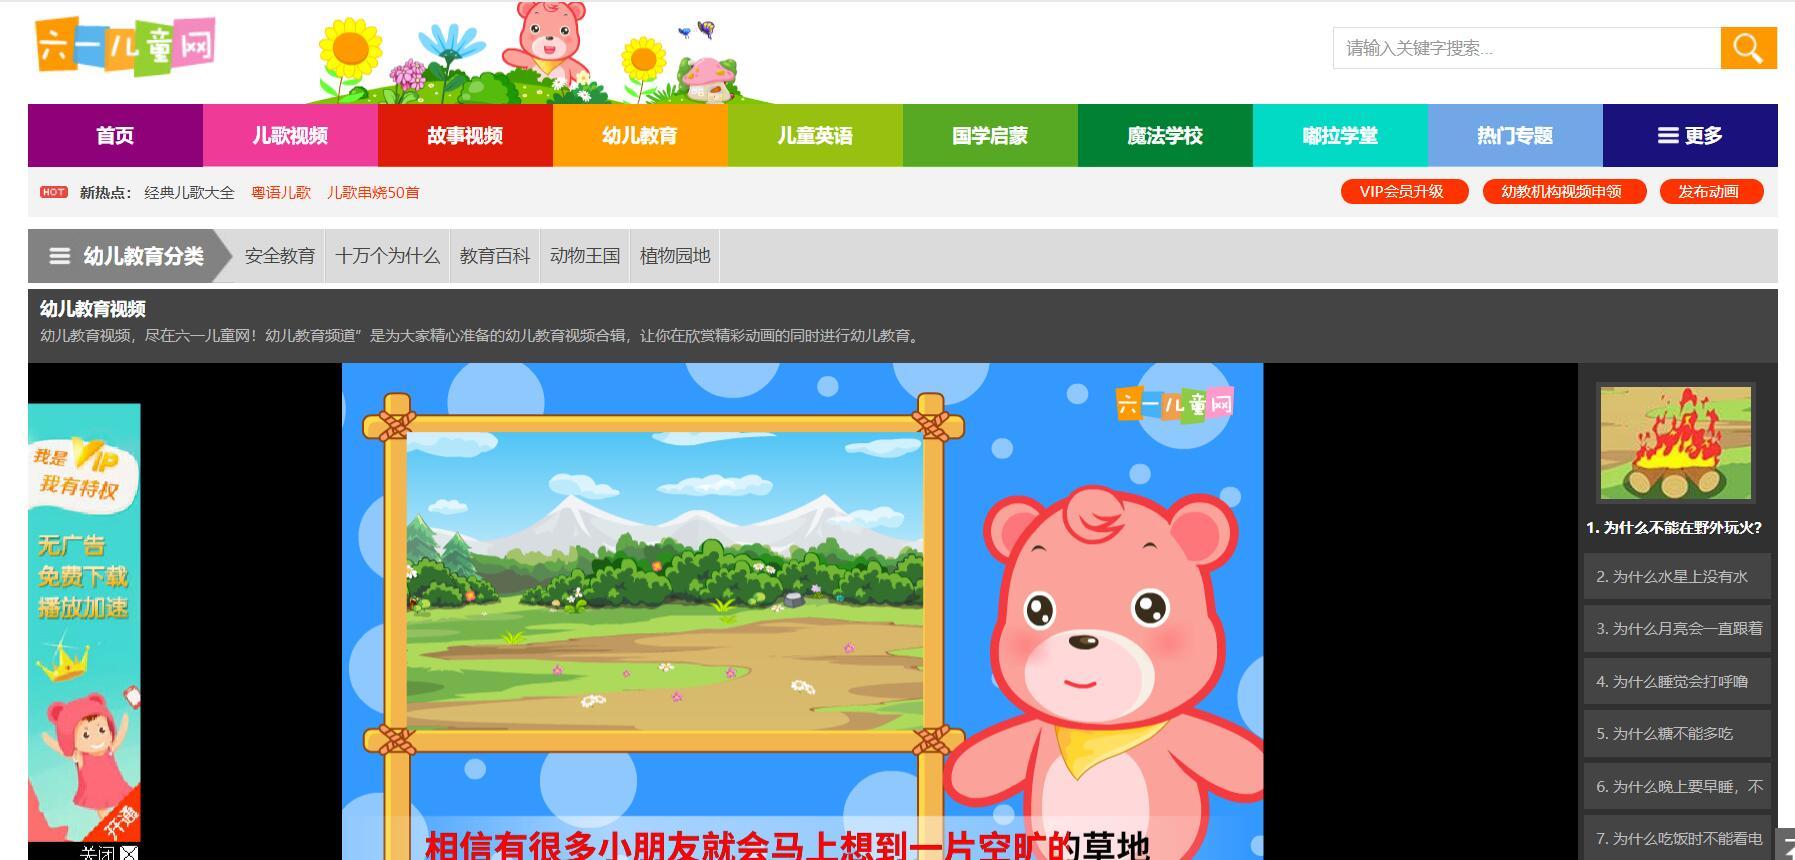 六一儿童网幼儿教育知识